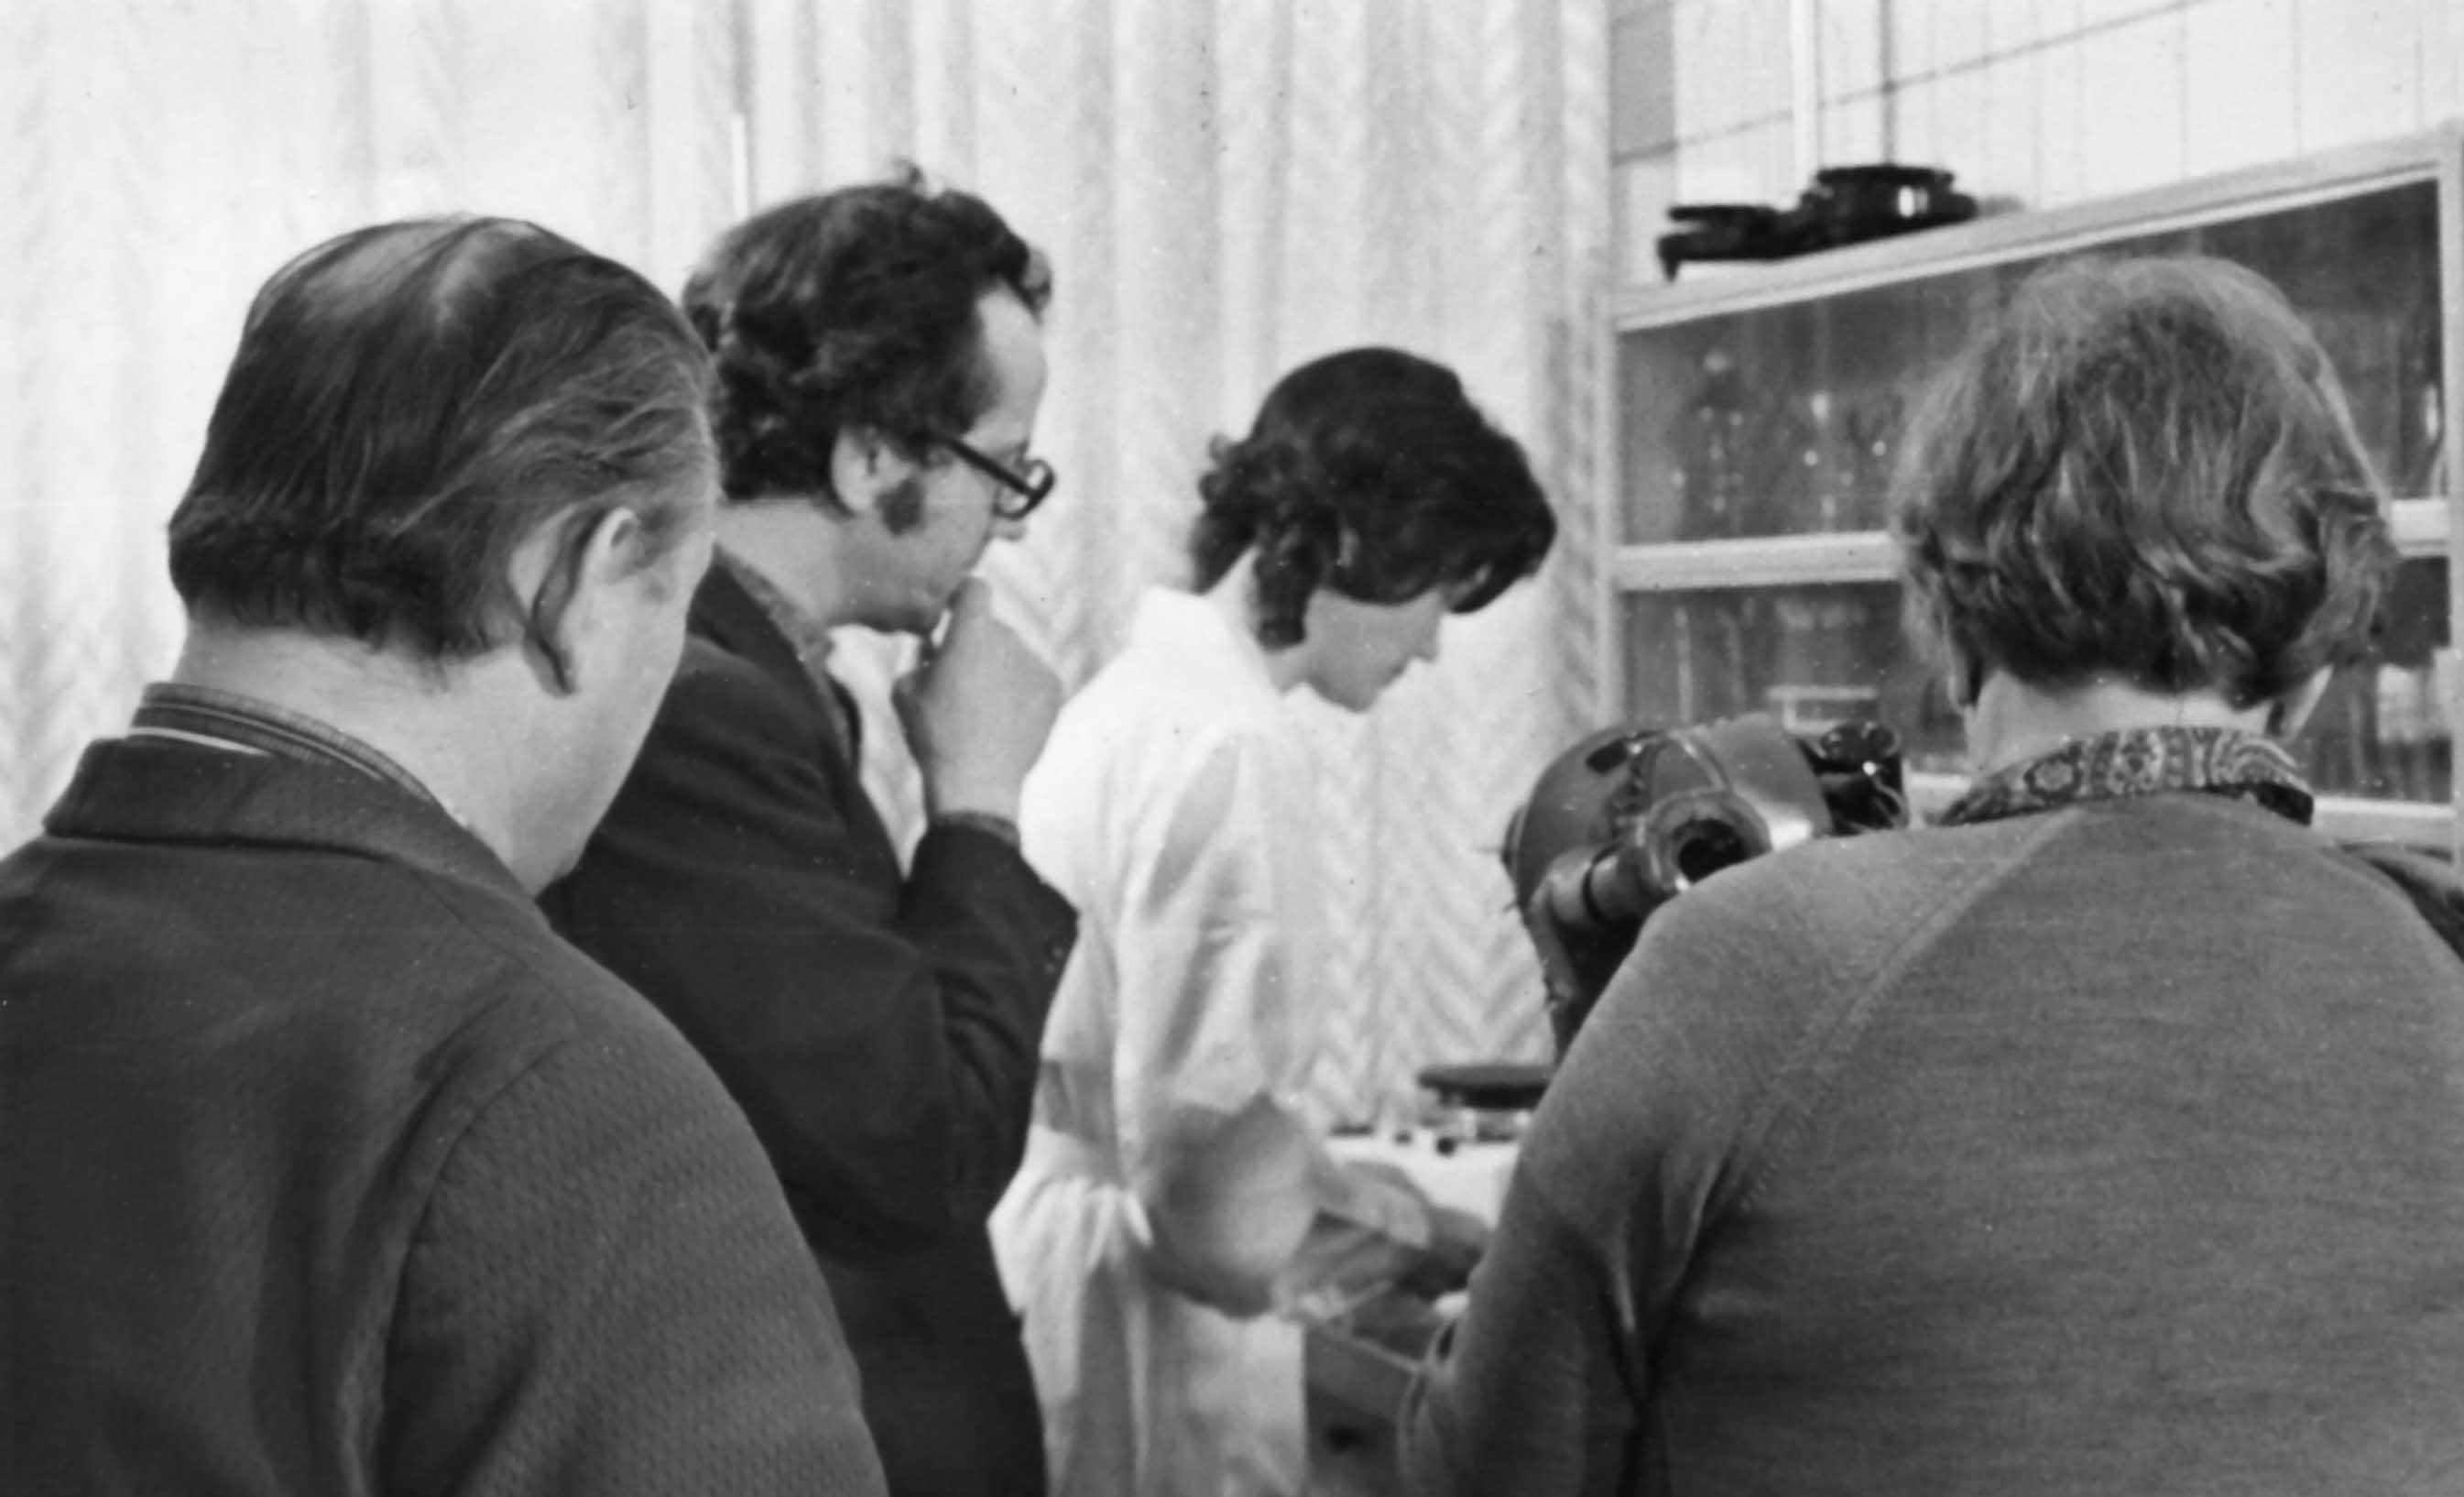 Экспонат #67. С режиссером А. Павловым. 1975 год